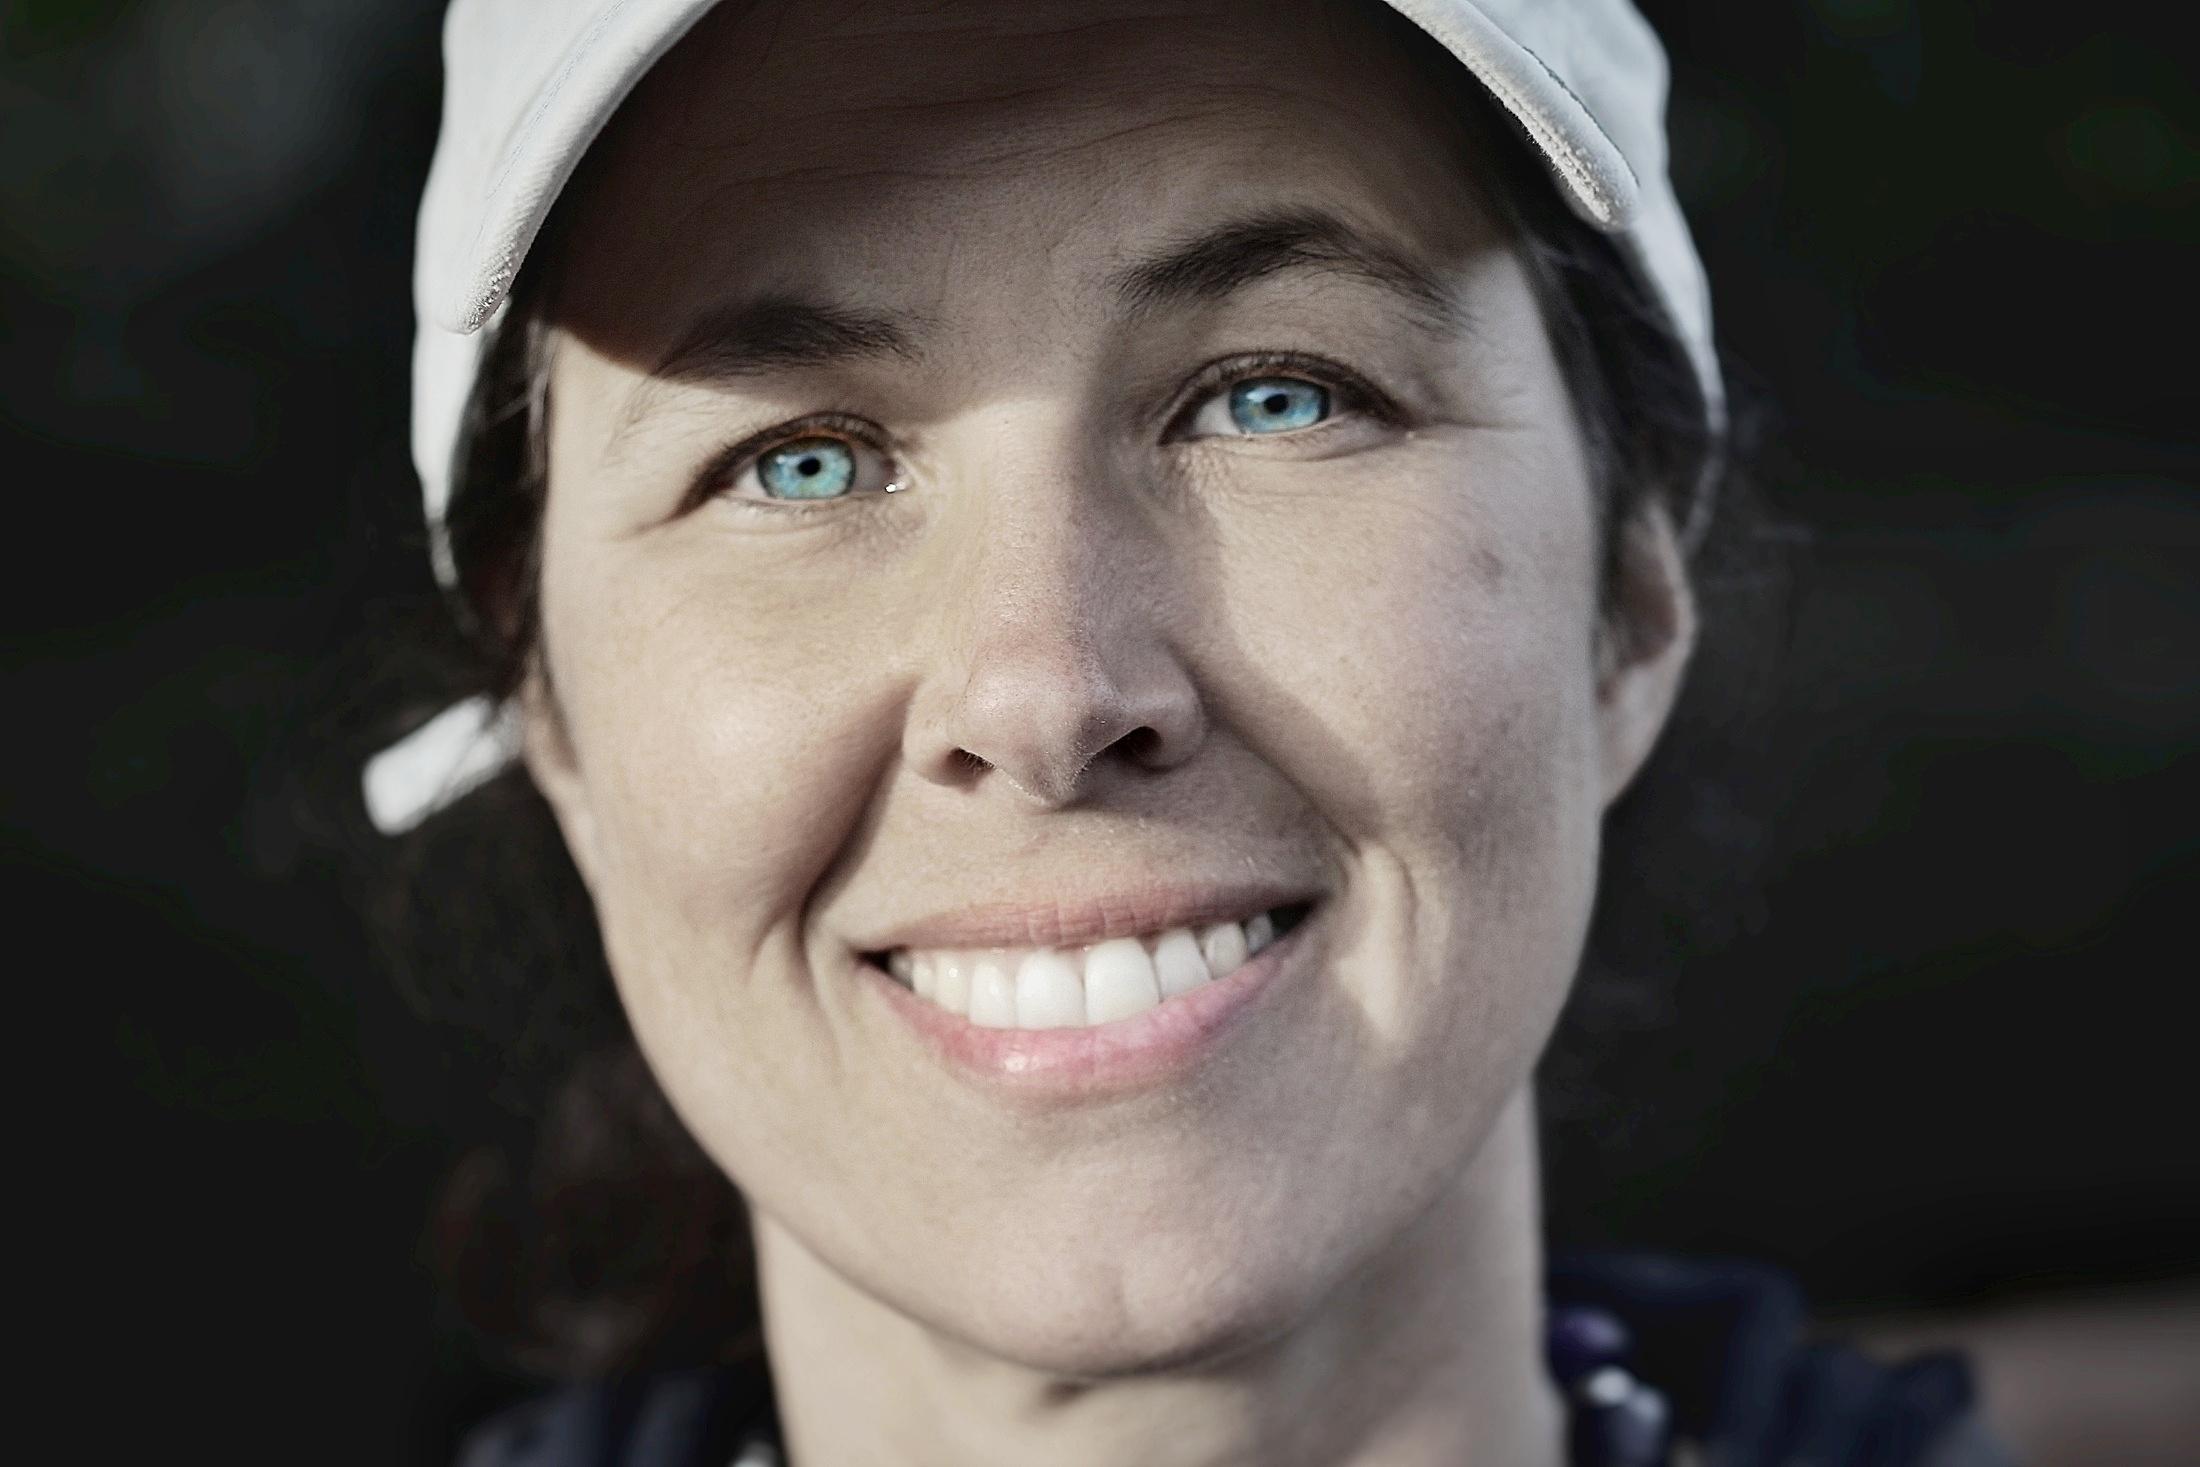 Survivalist Nikki van Schyndel